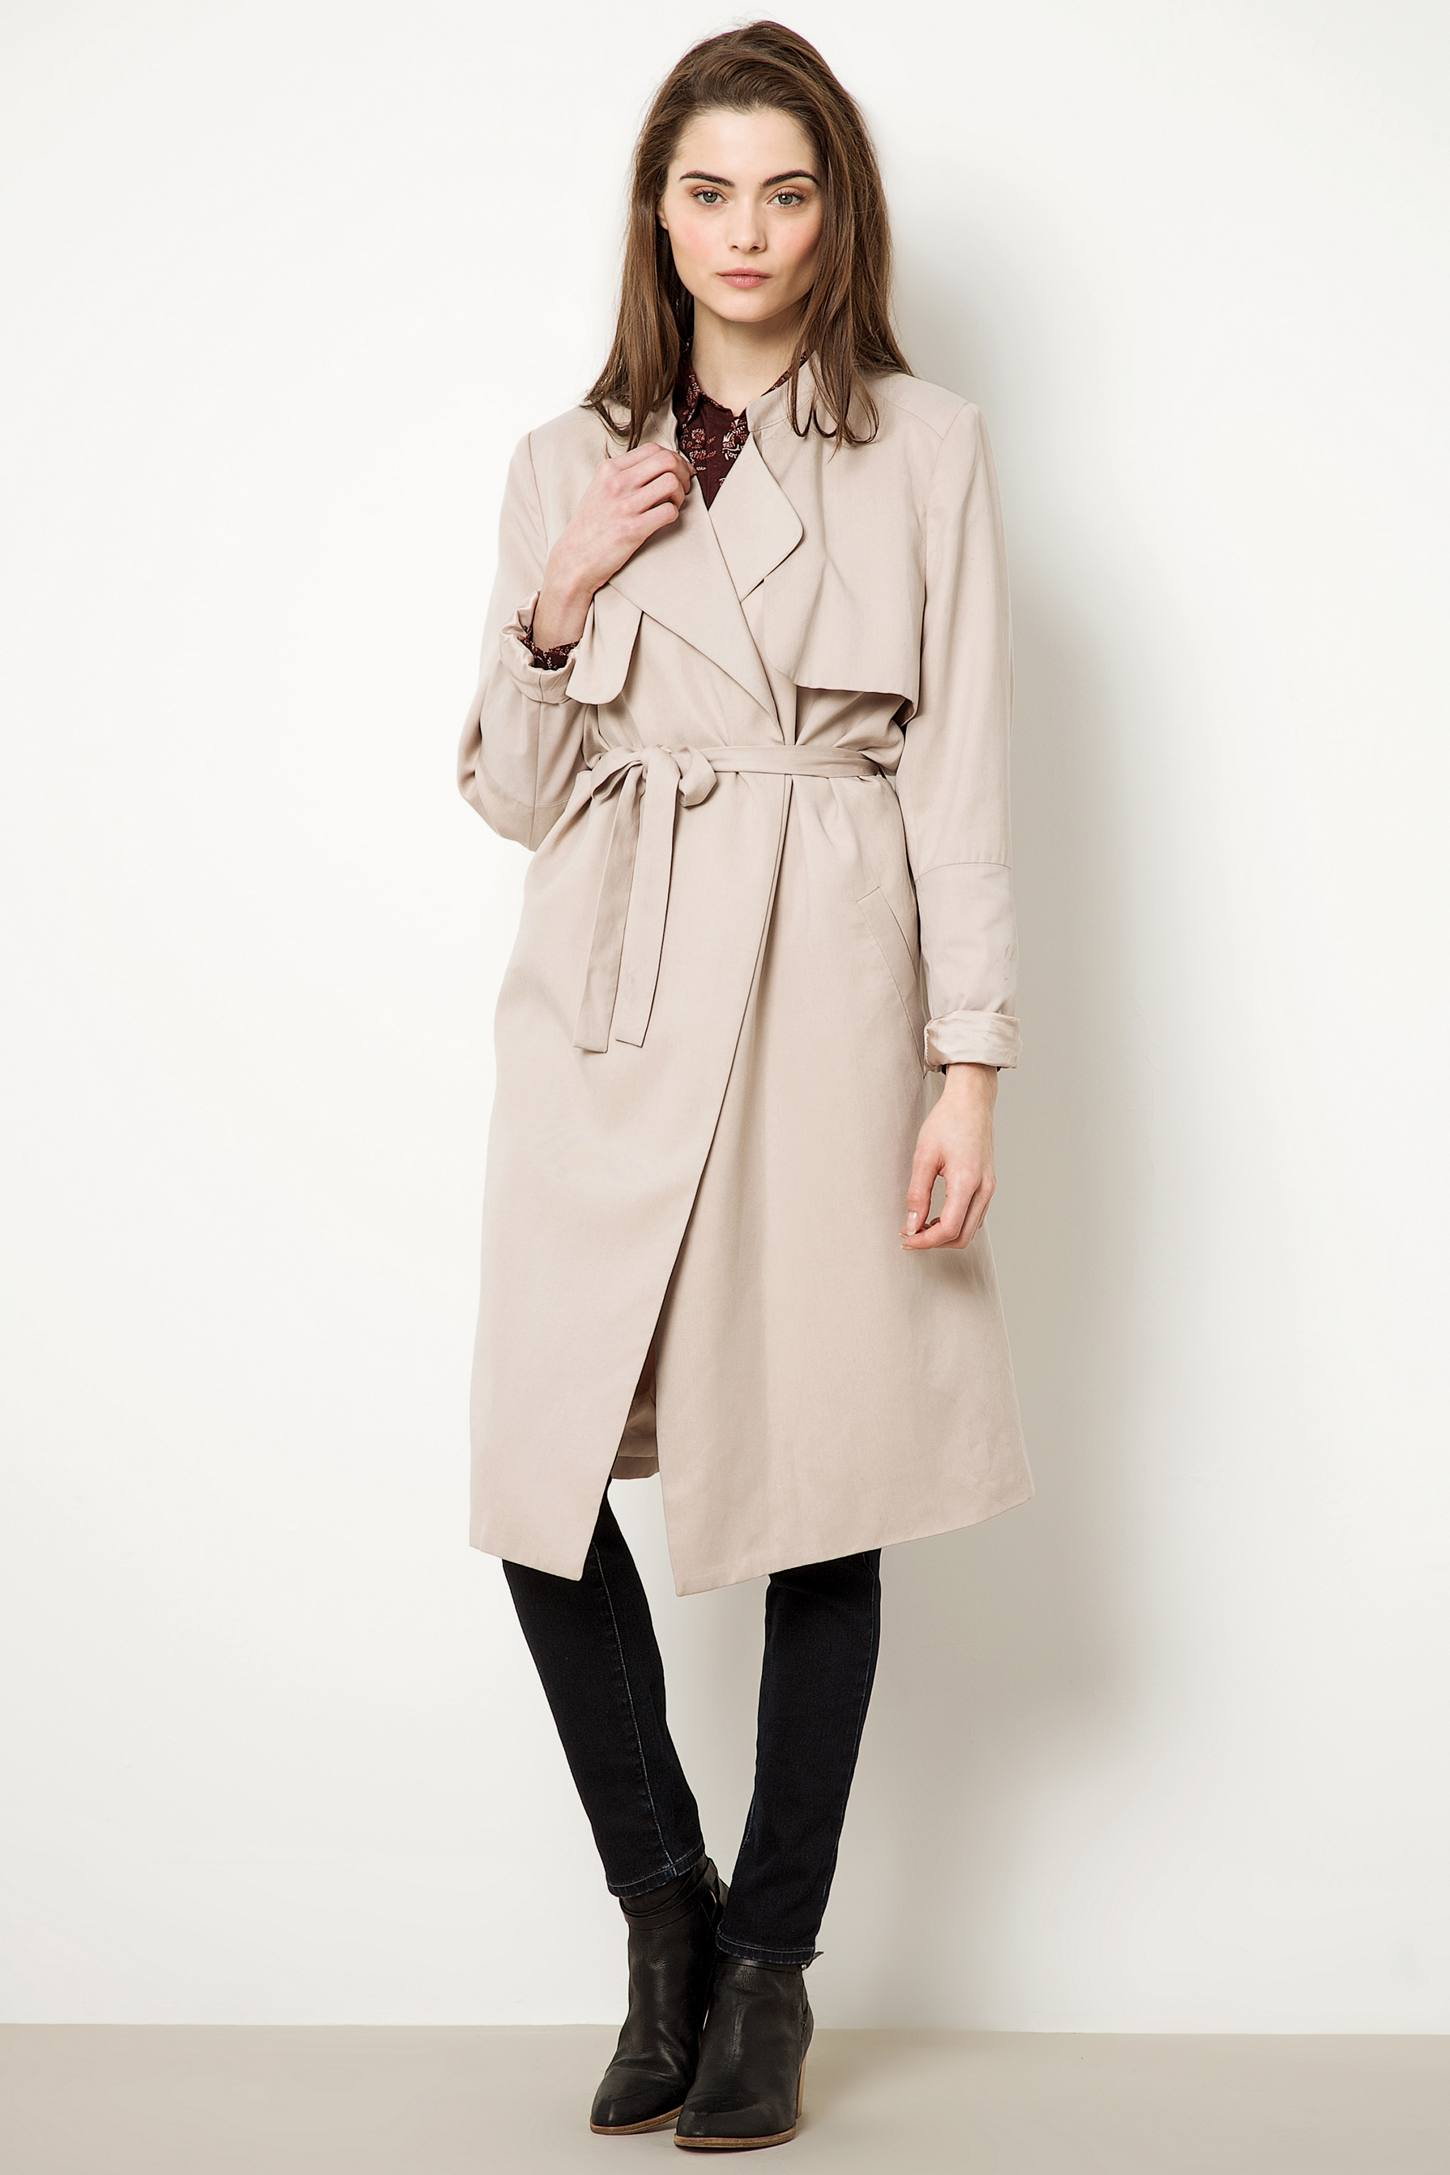 anthropologie selected femme belle trench coat in natural. Black Bedroom Furniture Sets. Home Design Ideas